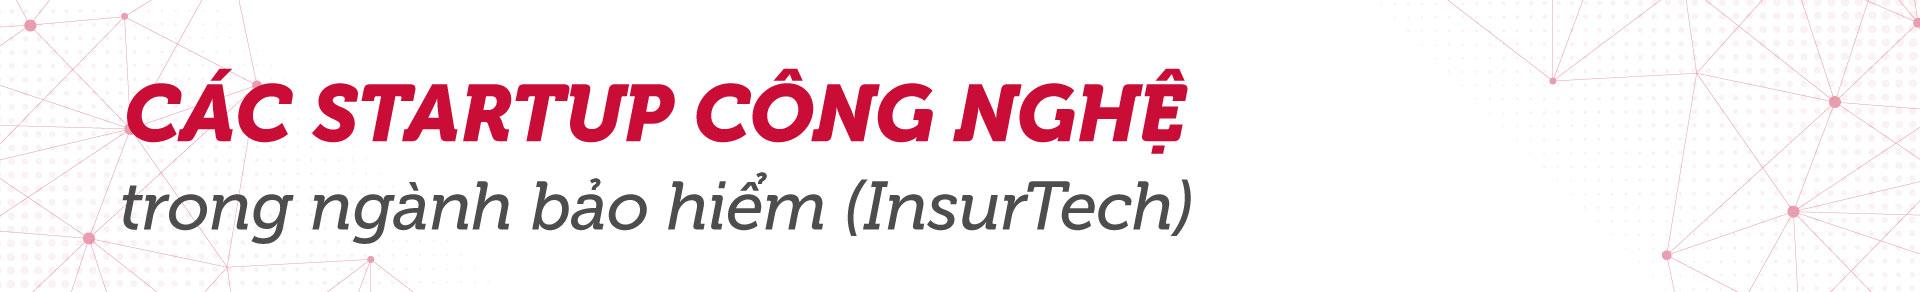 startup công nghệ trong bảo hiểm